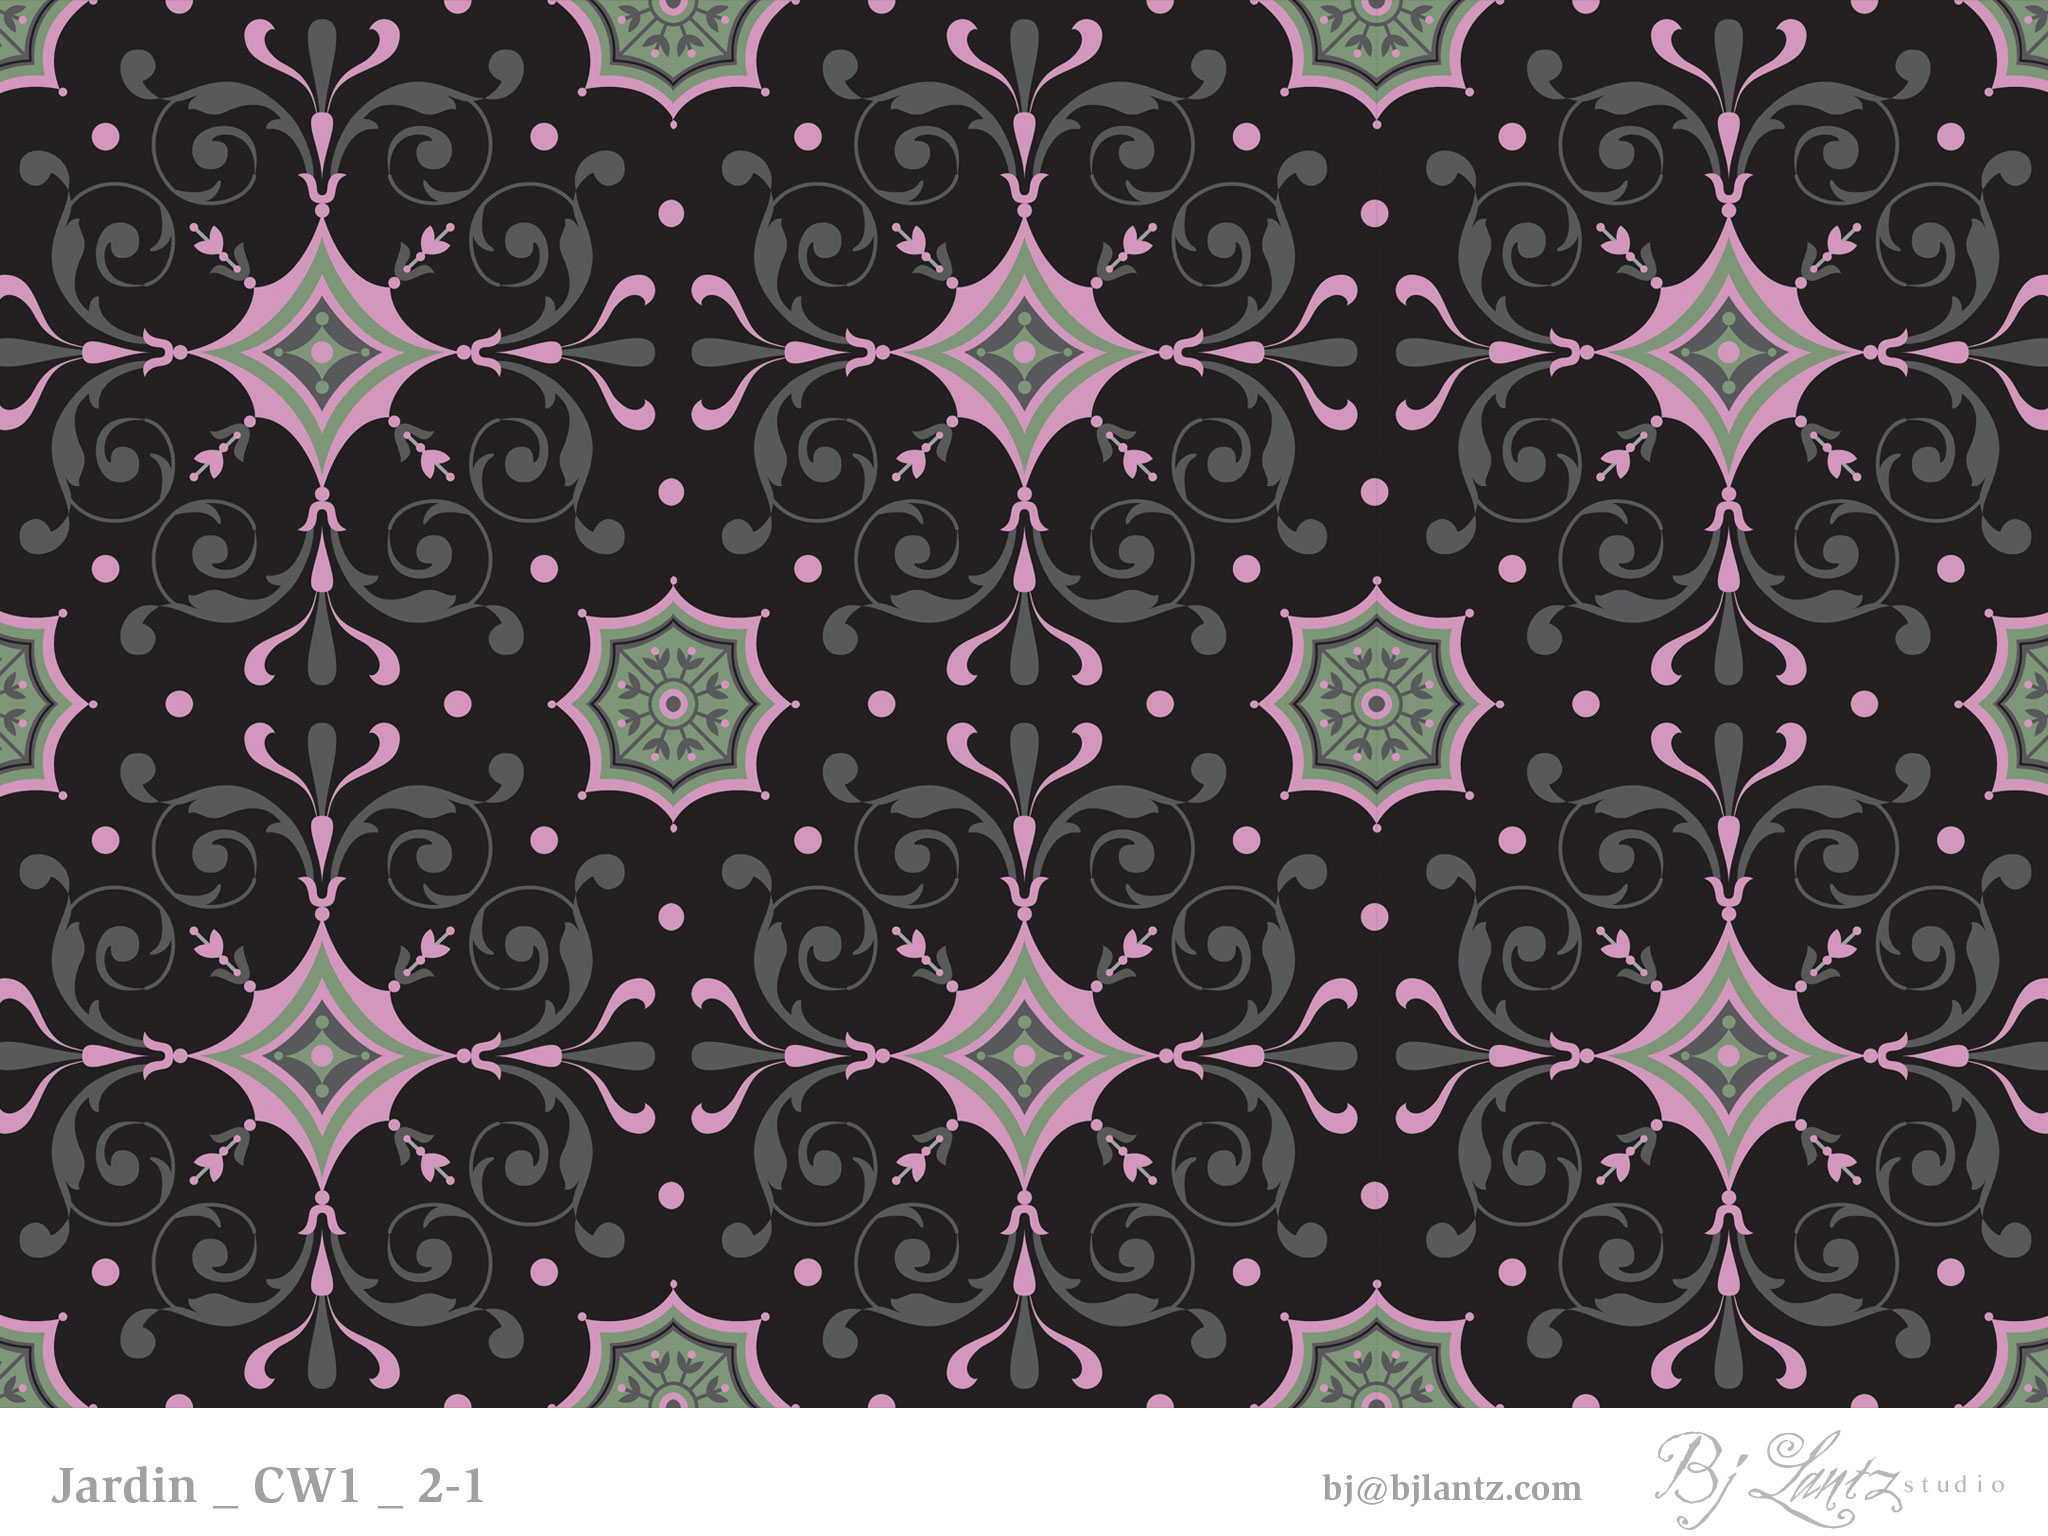 Jardin_CW1-BJ-Lantz_2-1.jpg